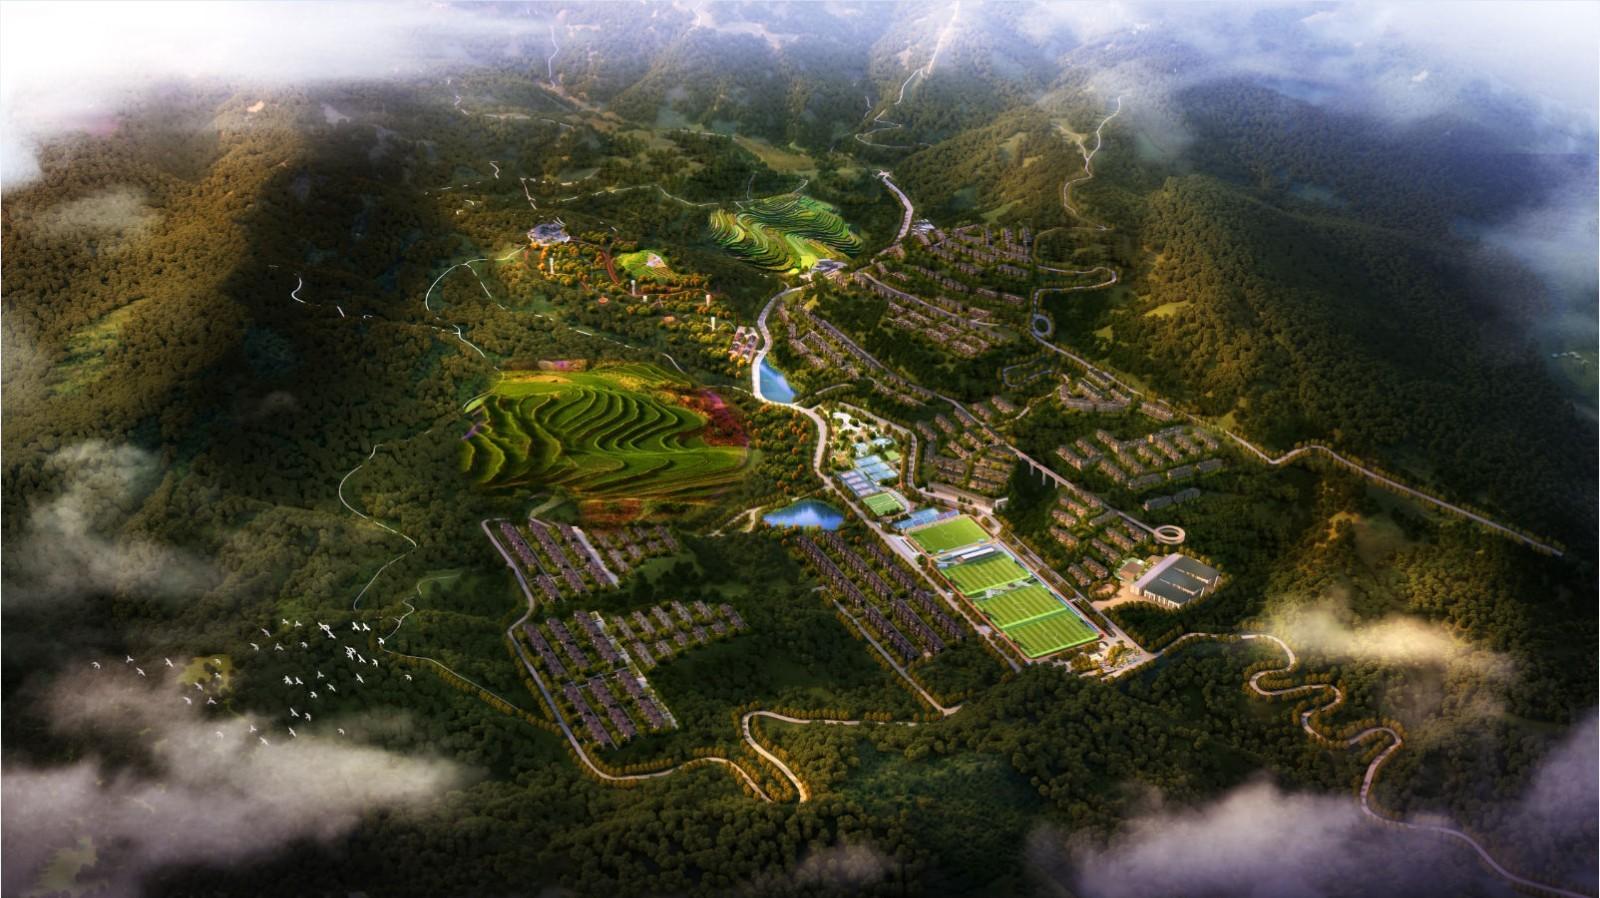 京汉股份与山西太原西山示范区签署框架协议 引入体育康养项目